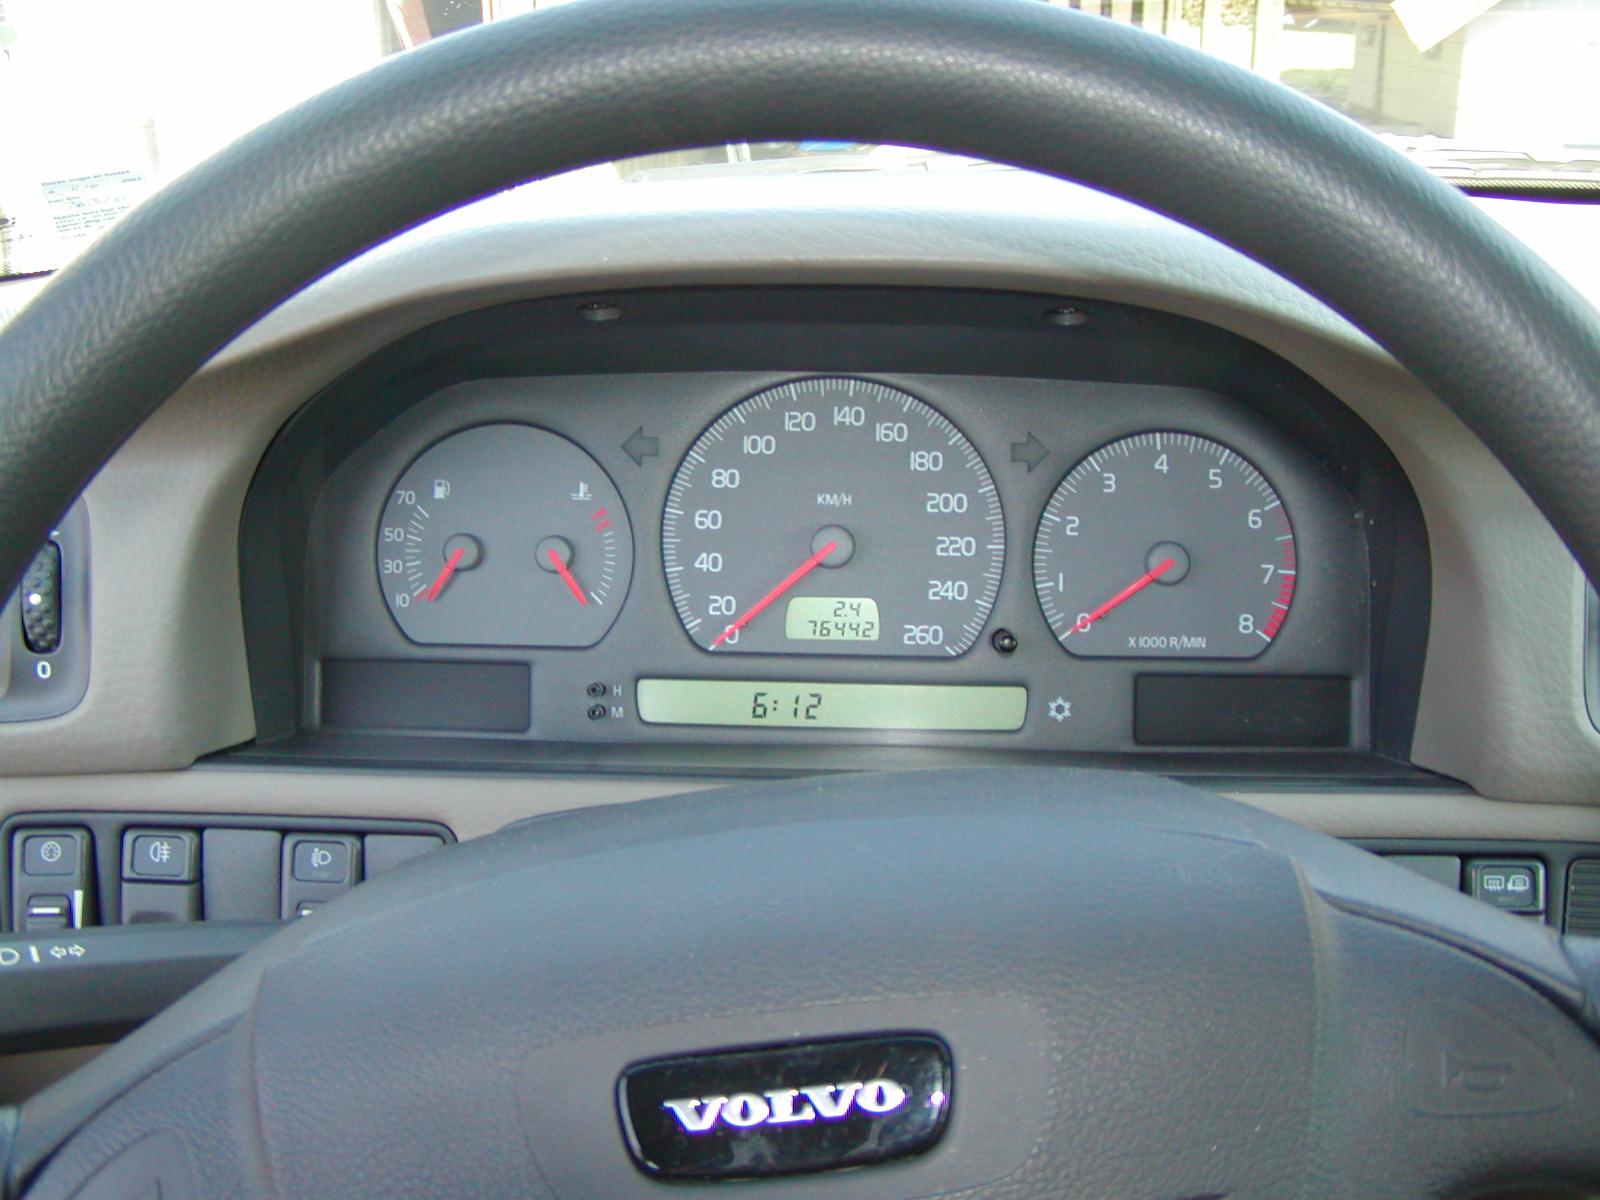 VOLVO S70 interior